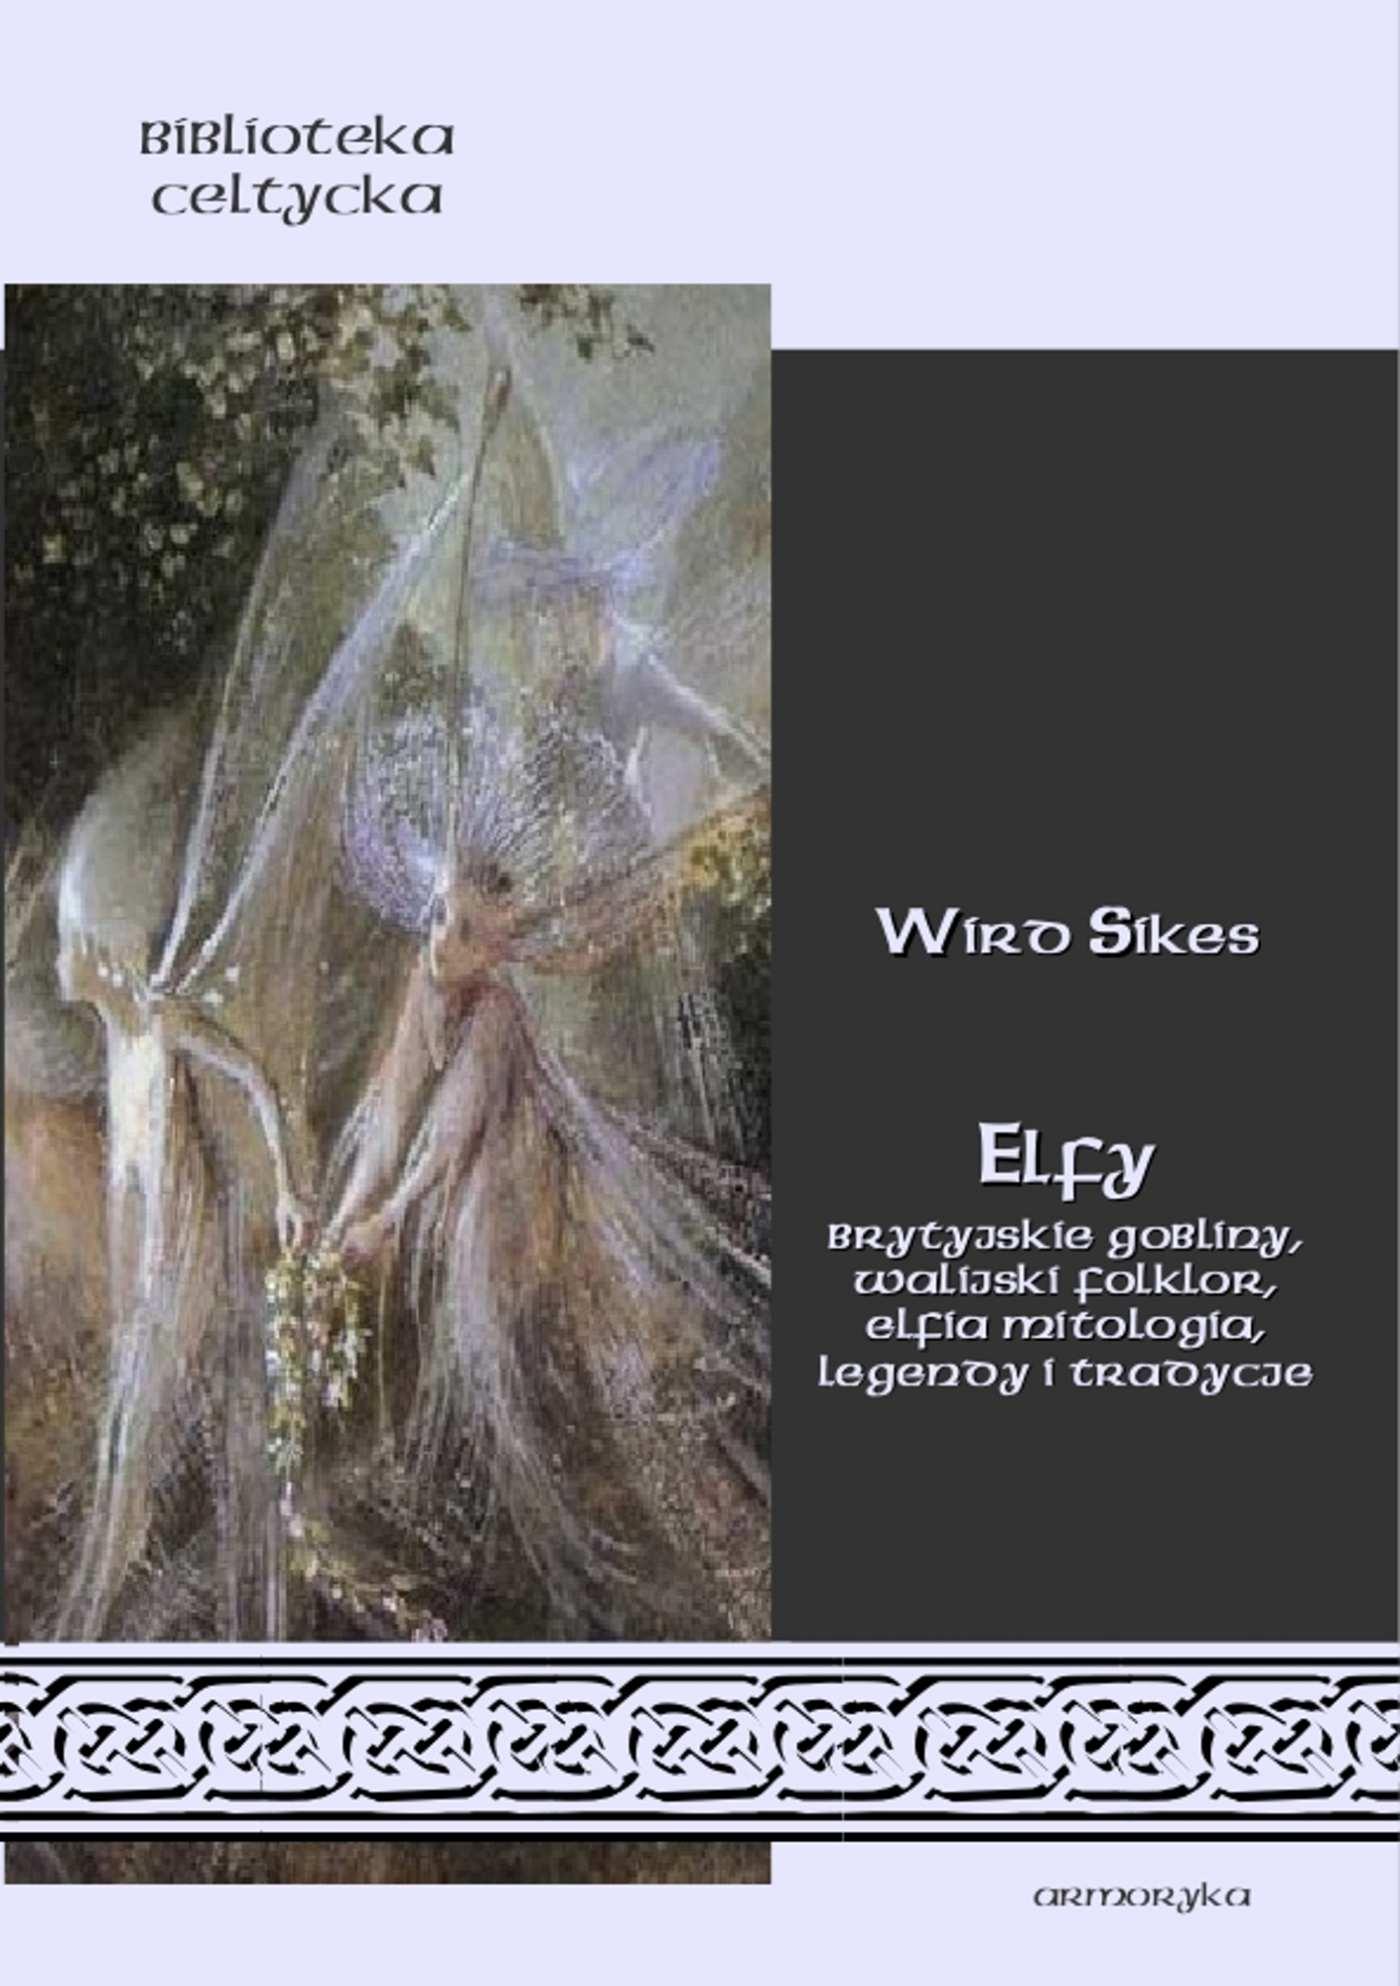 Elfy Brytyjskie gobliny, walijski folklor, elfia mitologia, legendy i tradycje - Ebook (Książka EPUB) do pobrania w formacie EPUB